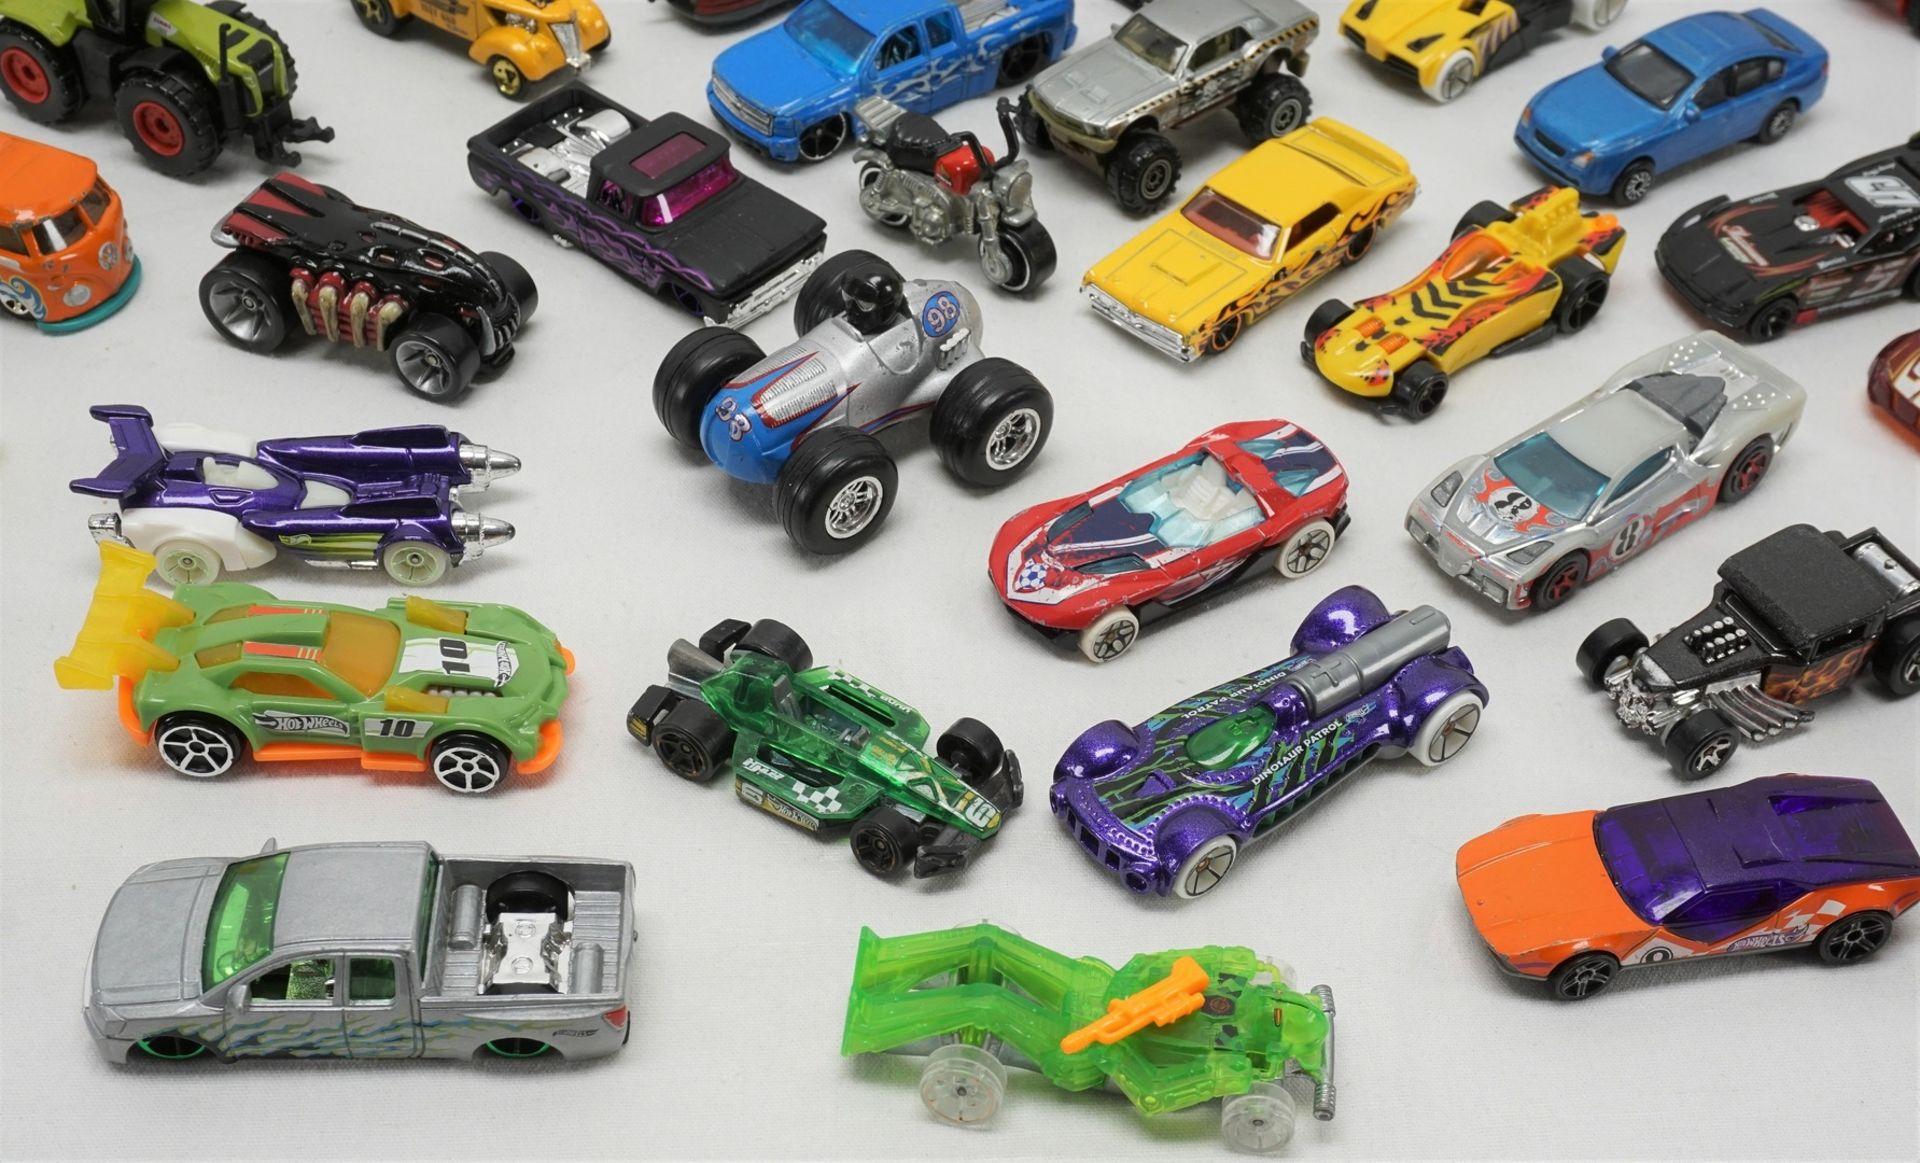 67 Modellfahrzeuge - Bild 2 aus 4